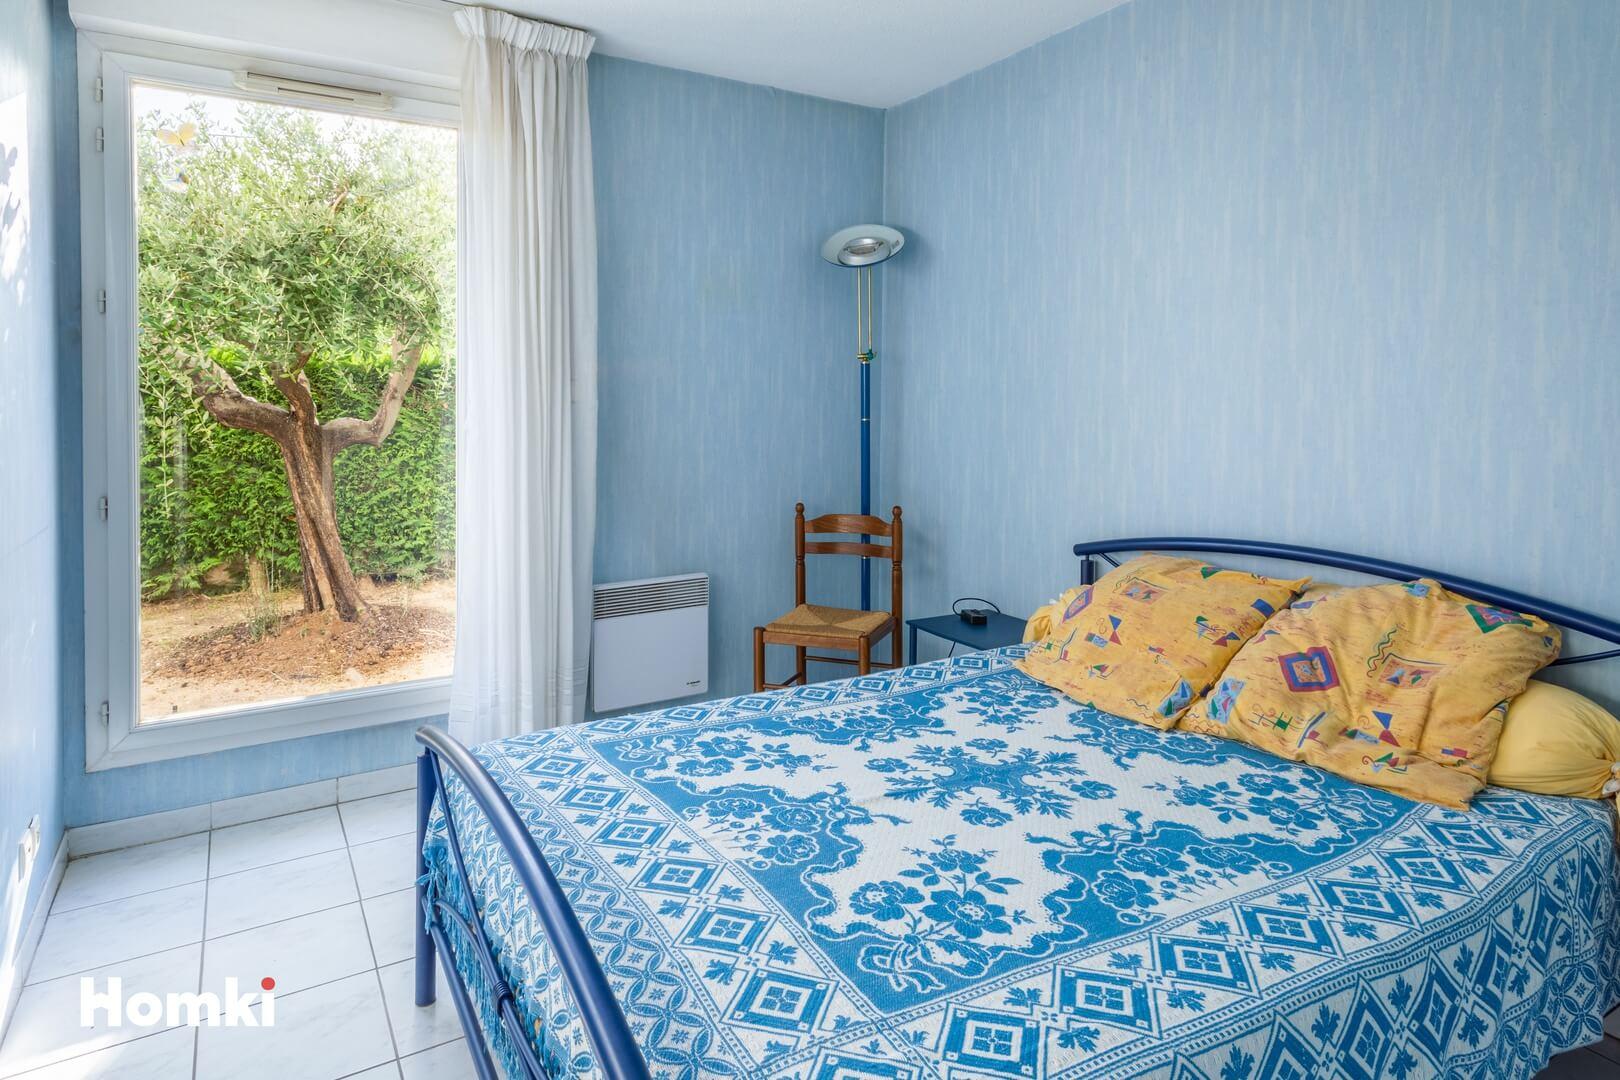 Homki - Vente Appartement  de 57.0 m² à La Ciotat 13600